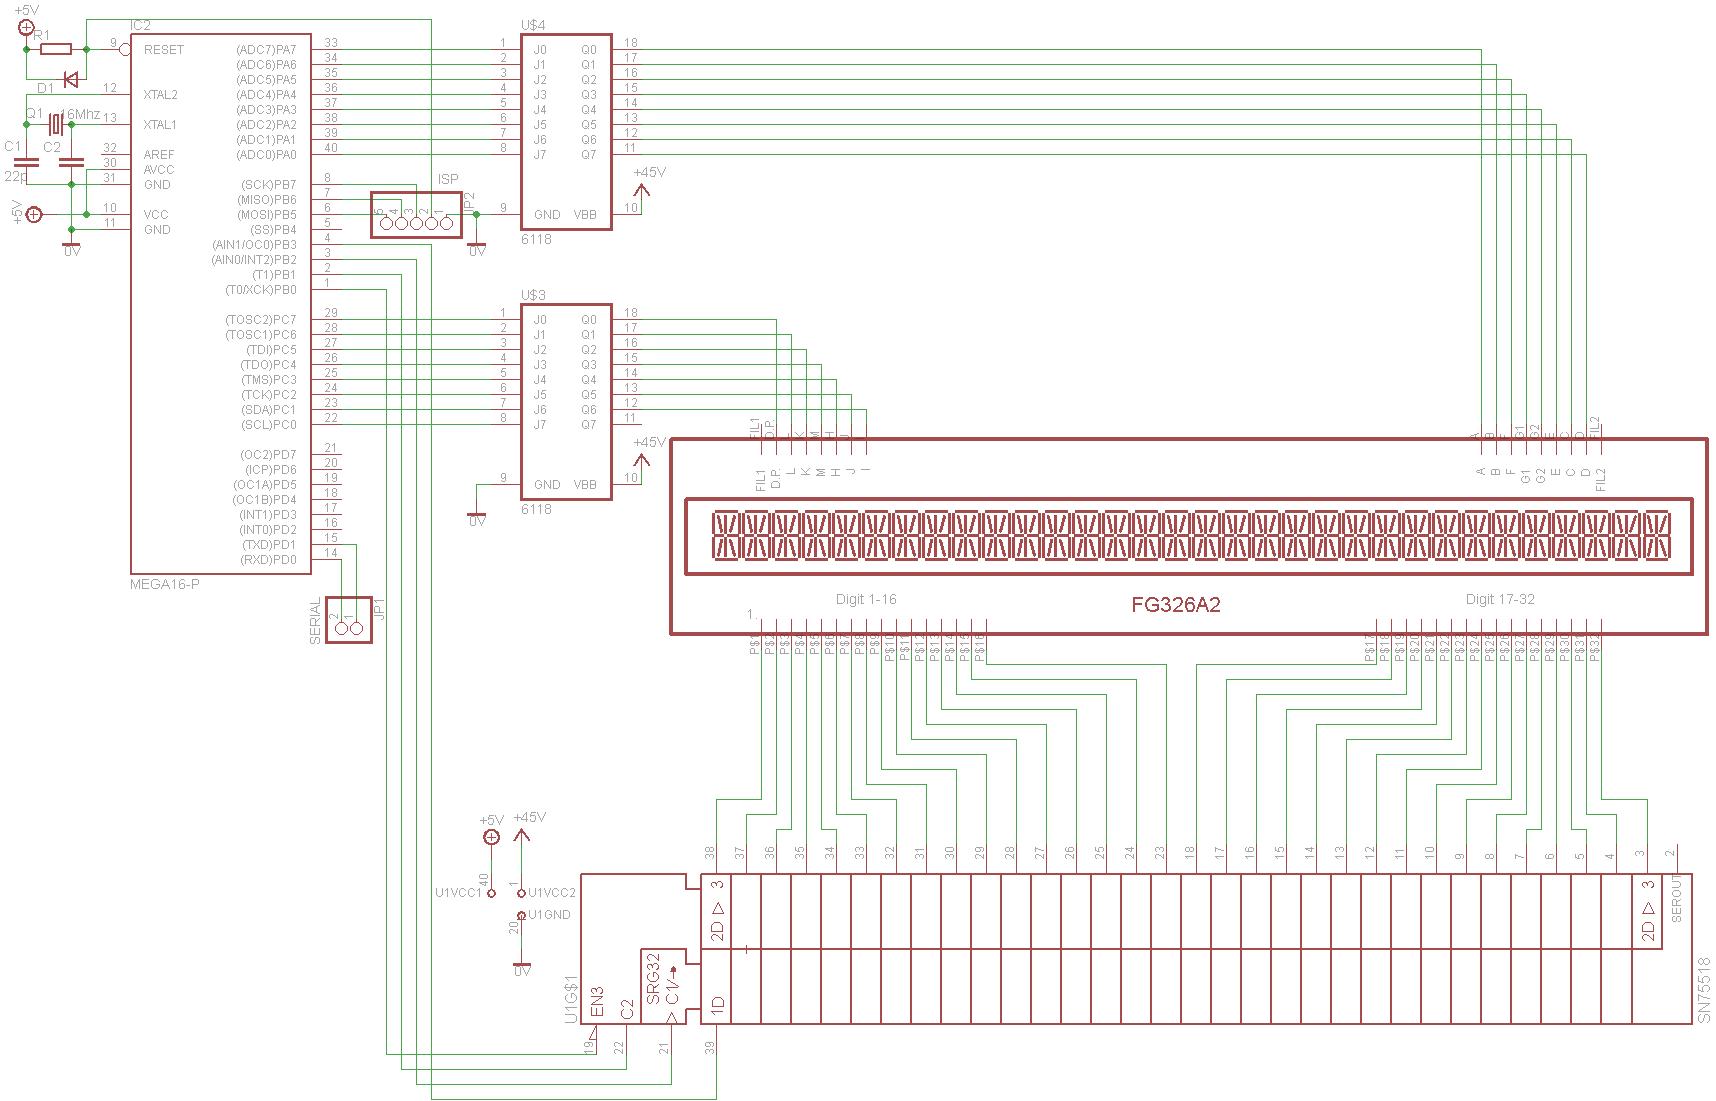 Vfd Schematic Read Reinvent Your Wiring Diagram Mach3 Schematics Code Witchcraft Ketturi Electronics Rh Kapsi Fi Control Scr